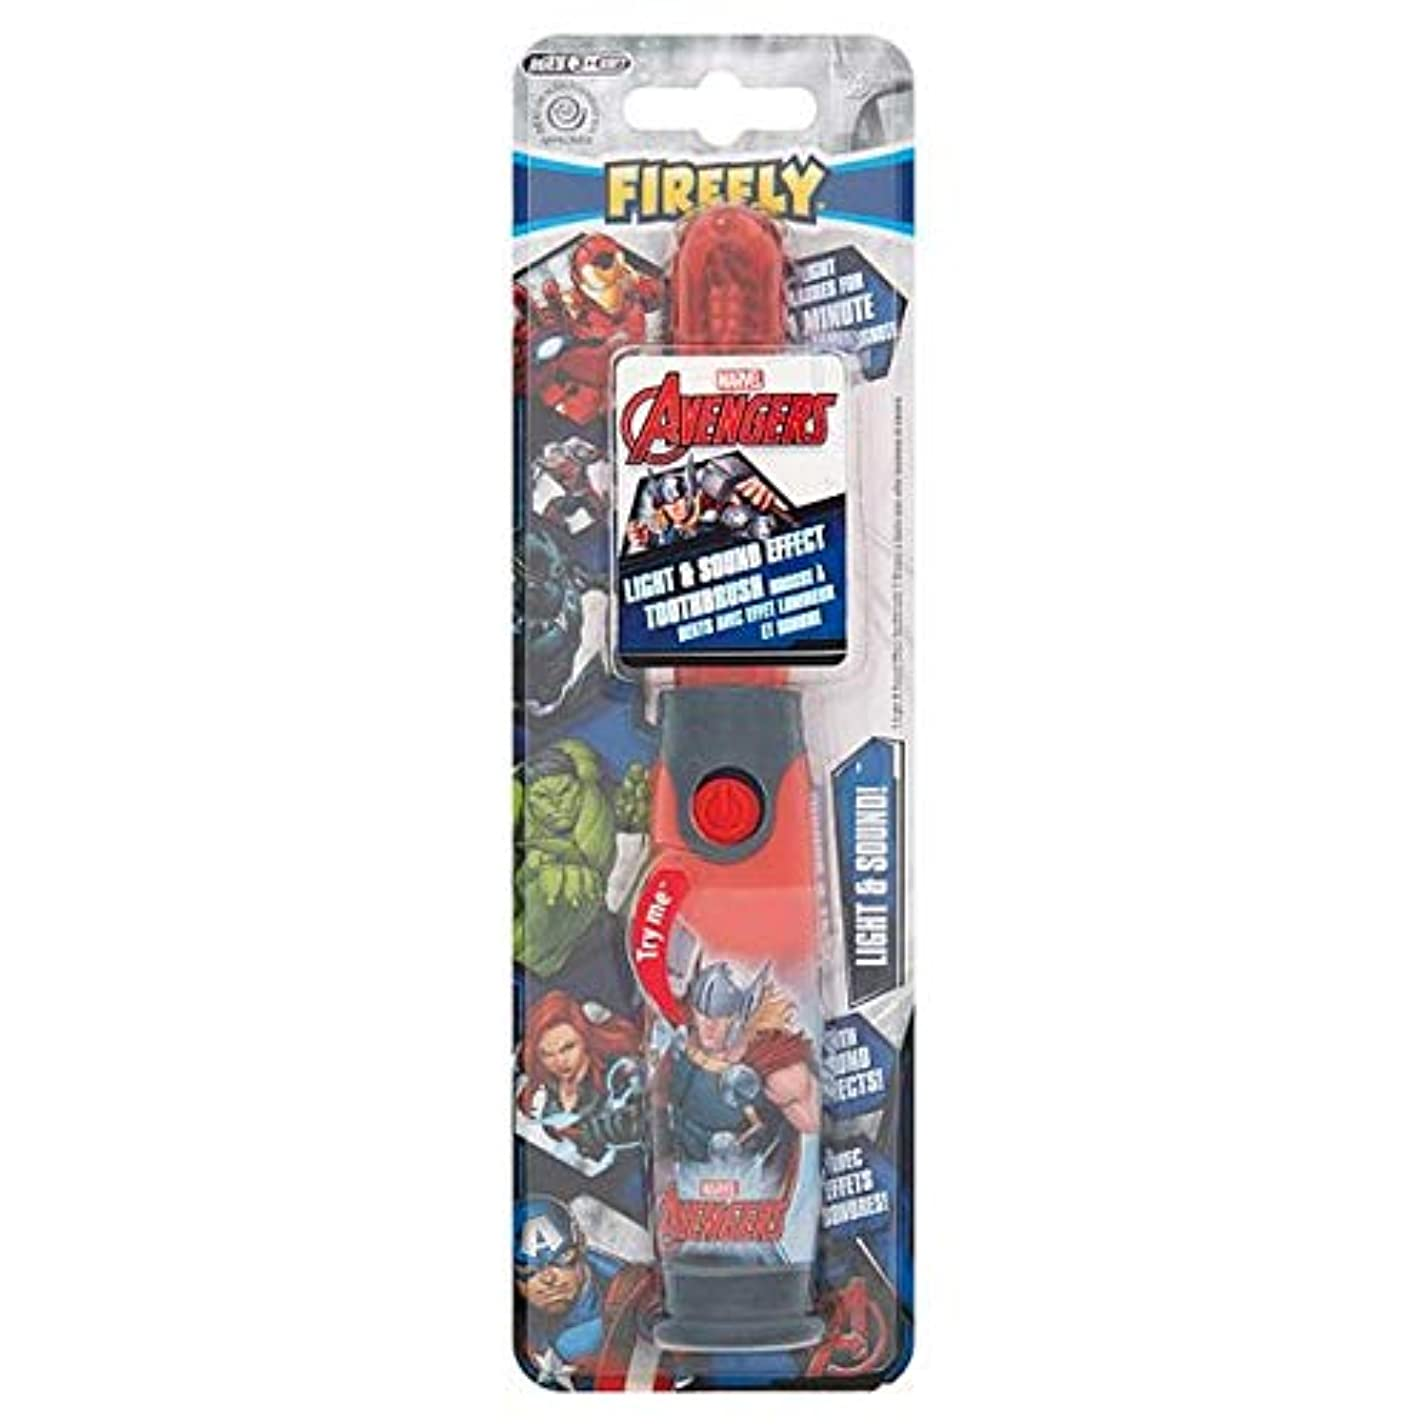 アンケート書き込みほんの[Firefly ] アベンジャーズホタルの光と音の歯ブラシ - Avengers Firefly Light And Sound Toothbrush [並行輸入品]